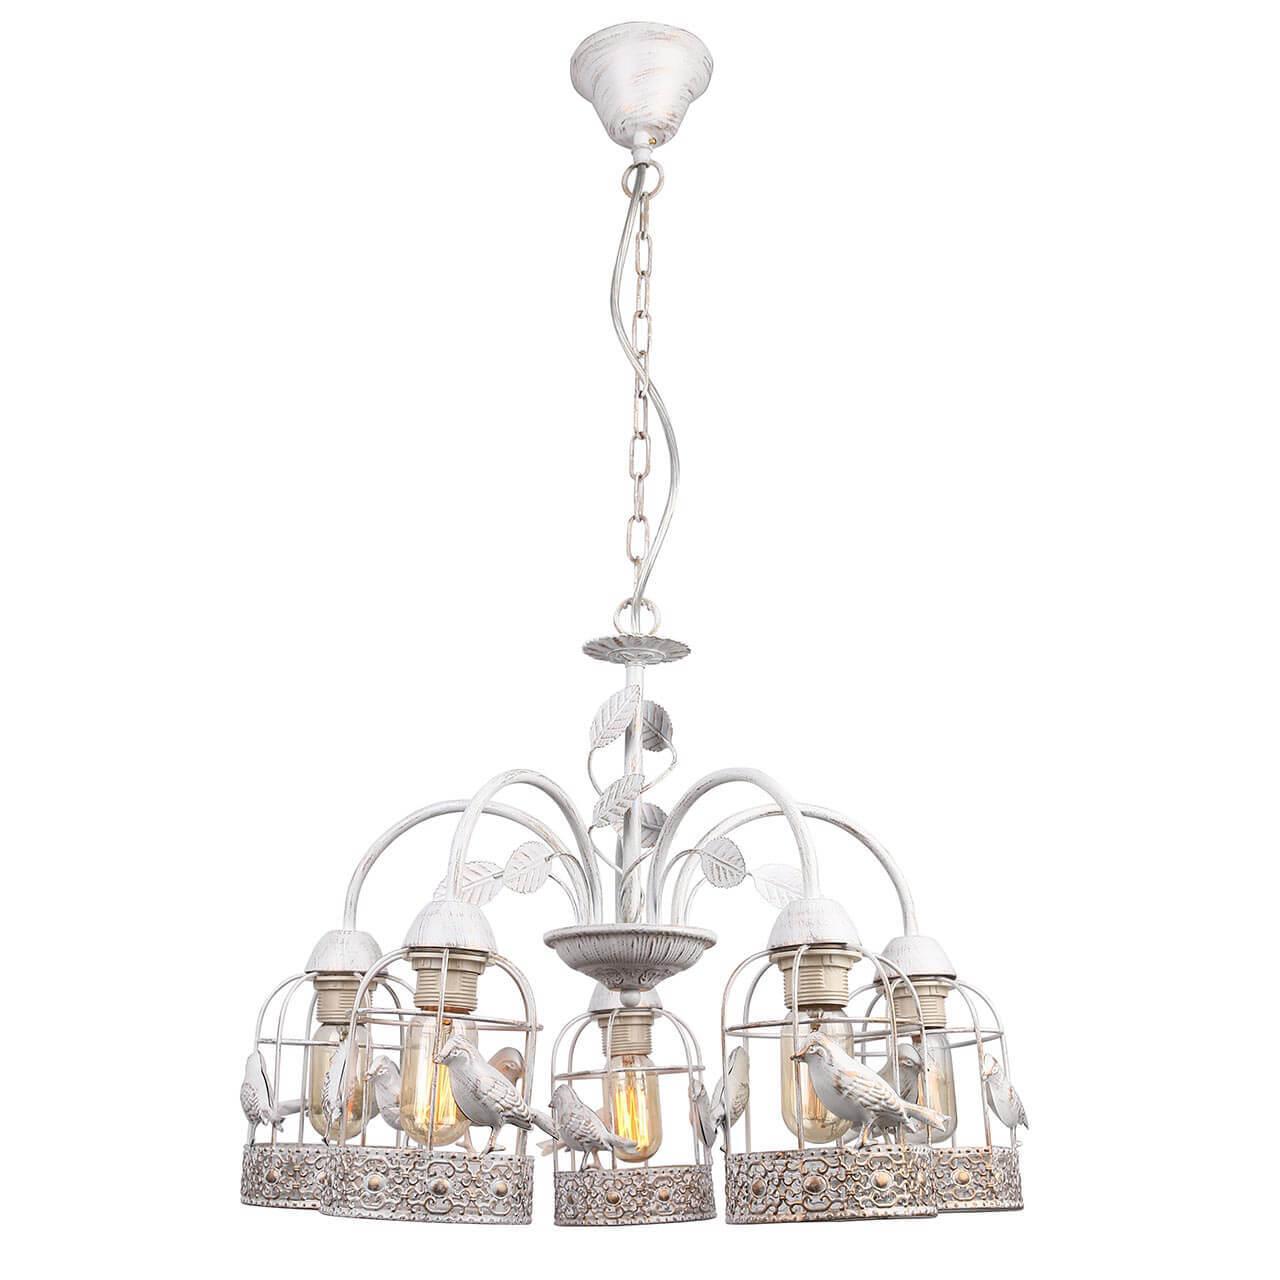 Люстра Arte Lamp A5090LM-5WG Cincia люстра подвесная arte lamp подвесная a1511lm 5wg